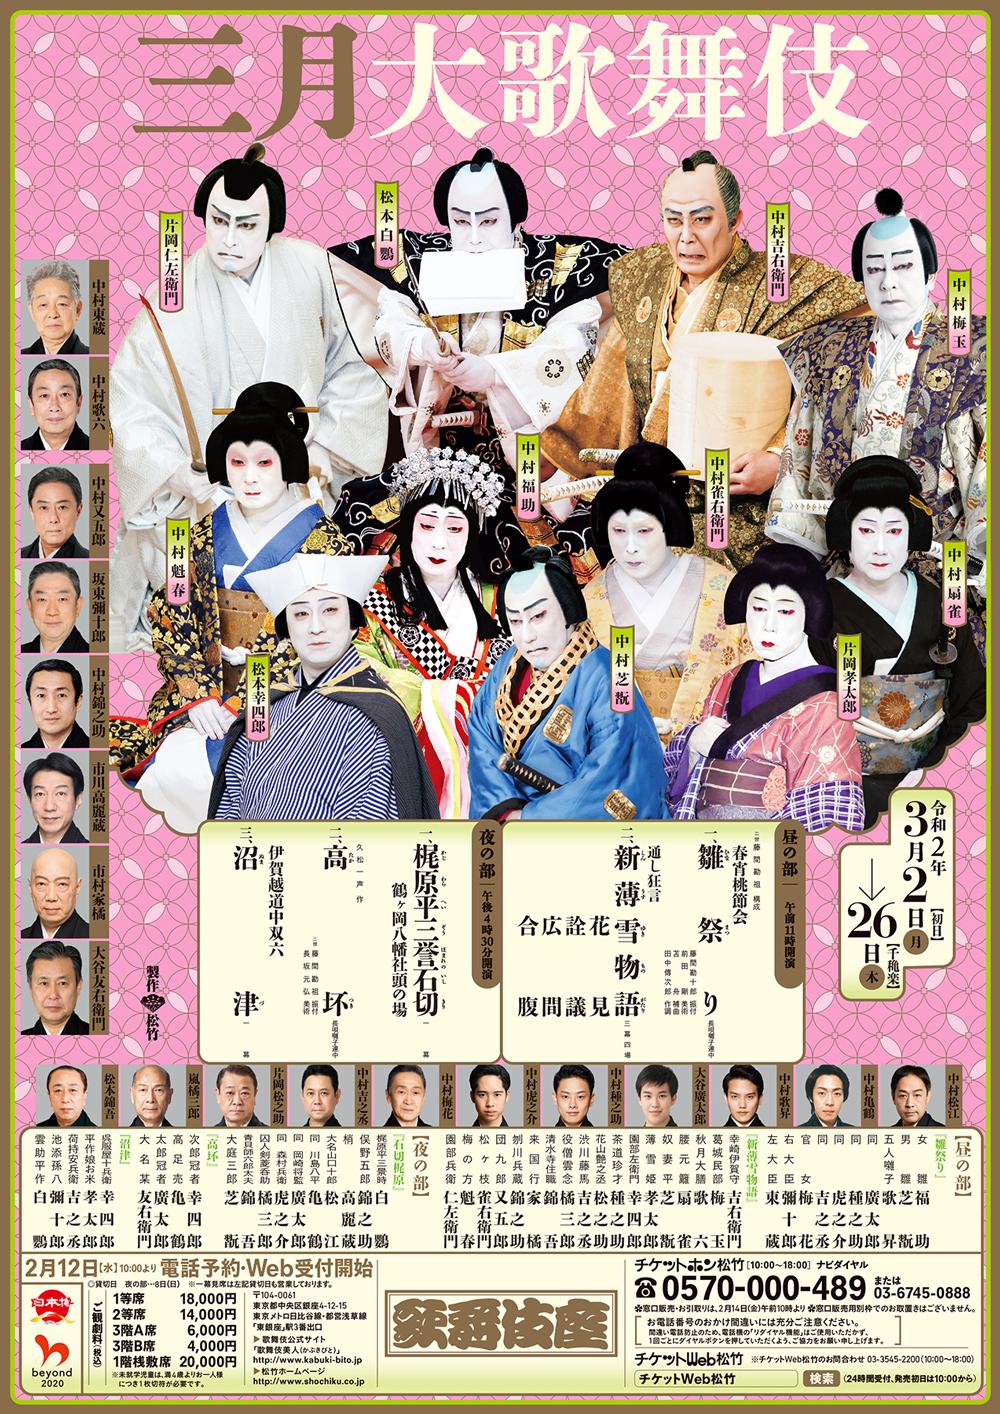 三月大歌舞伎 ※公演中止|歌舞伎座|歌舞伎美人